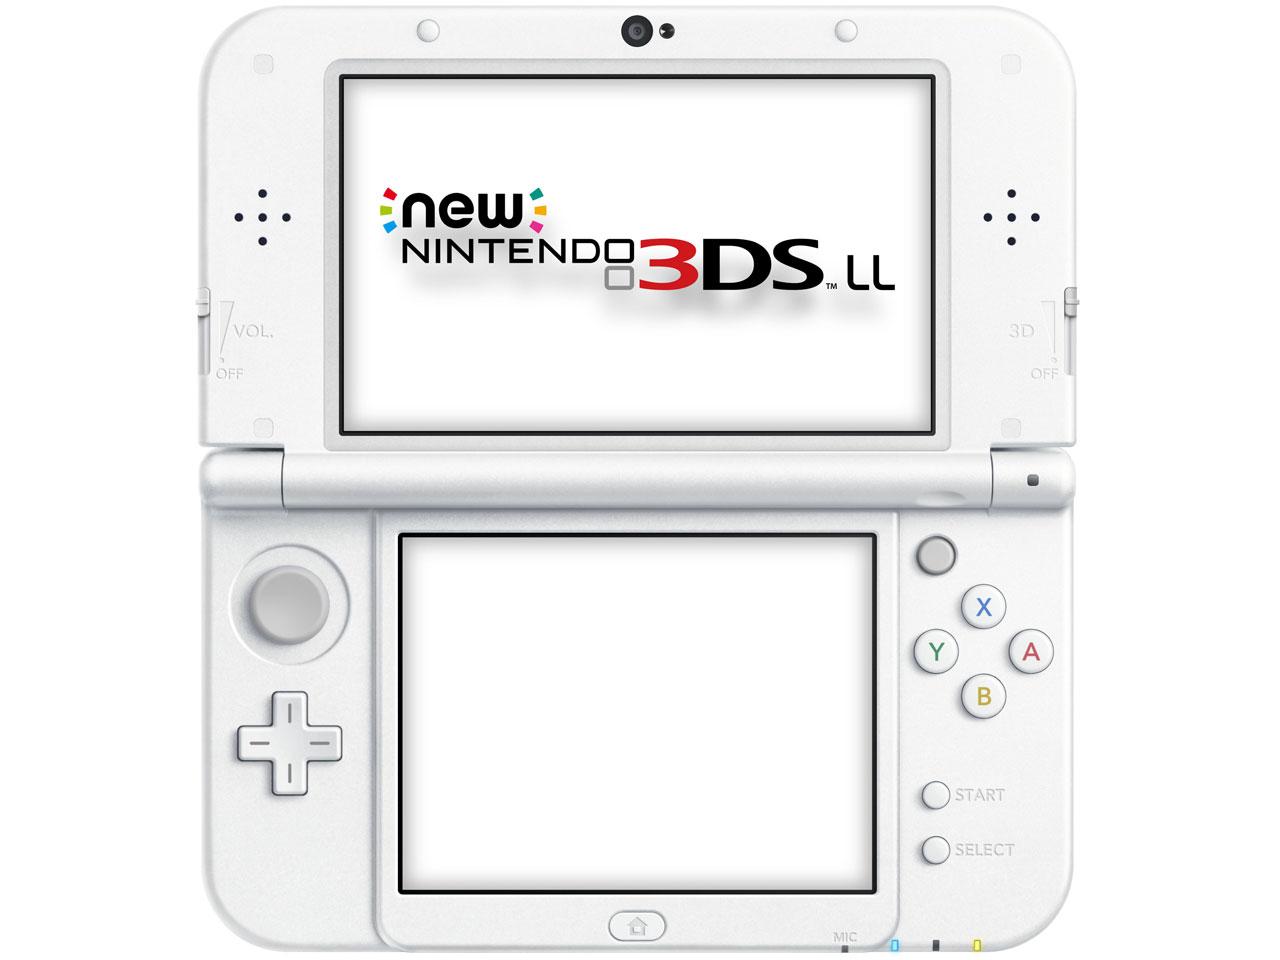 任天堂(Nintendo) Newニンテンドー3DS LL [パールホワイト] 携帯ゲーム機 本体